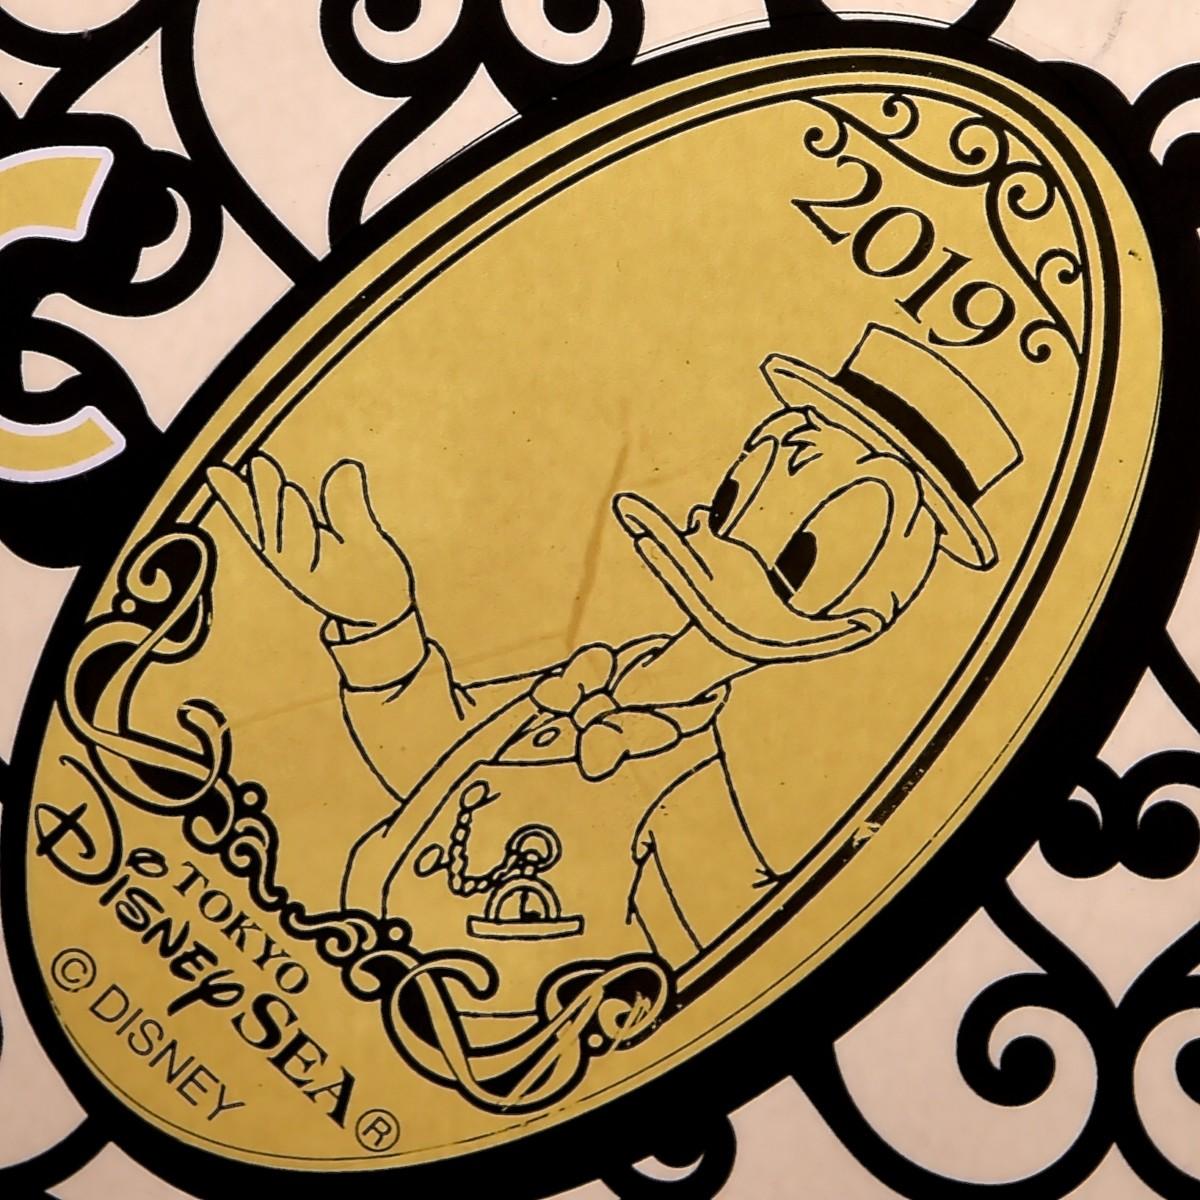 東京ディズニーシー2019年イヤリースーベニアメダル ドナルド